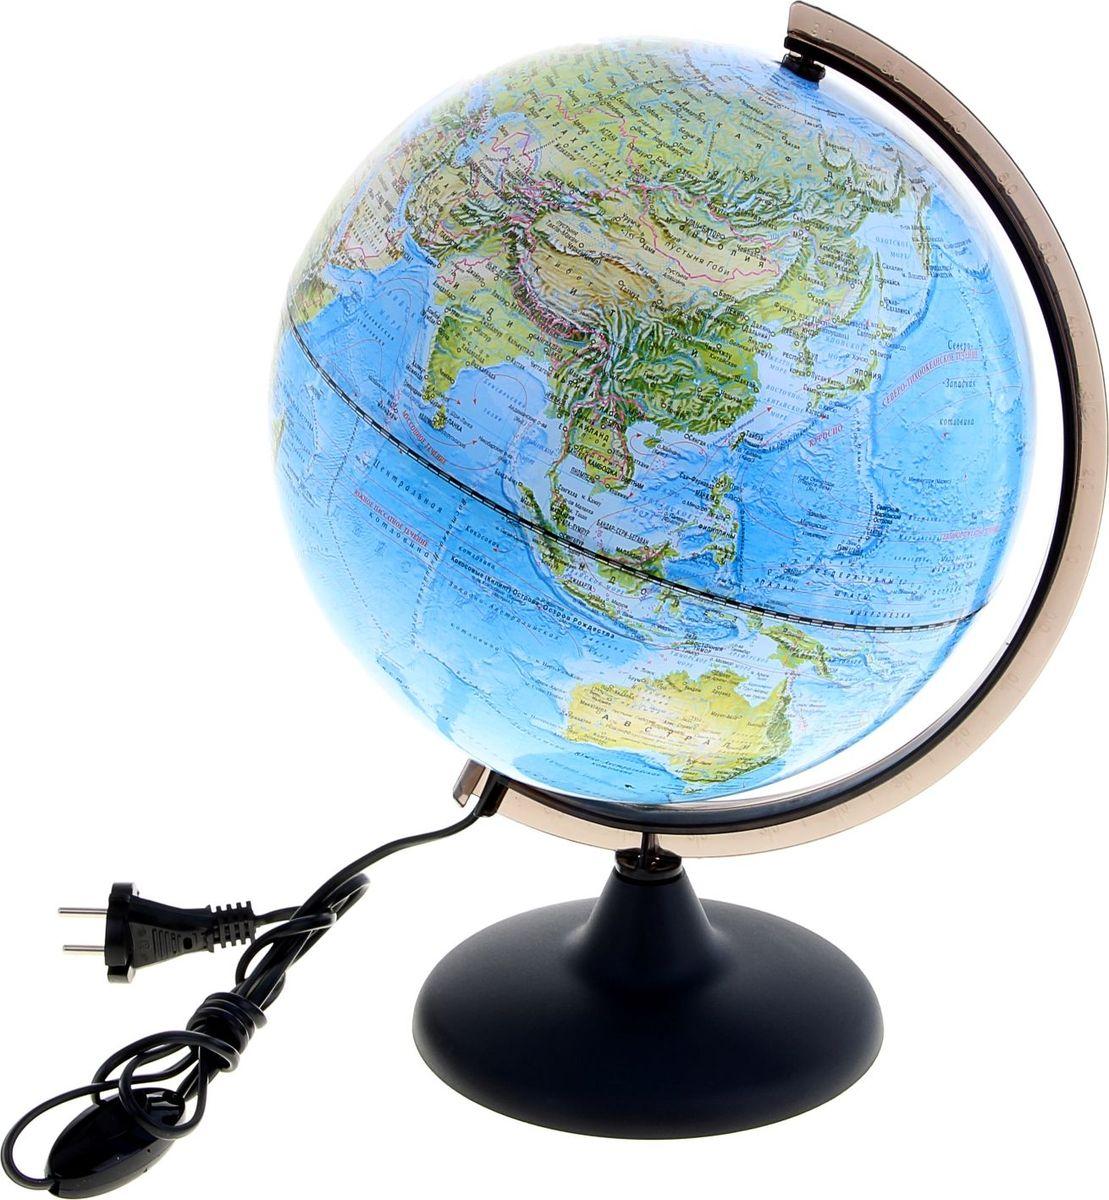 Глобусный мир Глобус ландшафтный с подсветкой диаметр 25 смFS-00897Глобус для всех, глобус каждому!Глобус — самый простой способ привить ребенку любовь к географии. Он является отличным наглядным примером, который способен в игровой доступной и понятной форме объяснить понятия о планете Земля.Также интерес к глобусам проявляют не только детки, но и взрослые. Для многих уменьшенная копия планеты заменяет атлас мира из-за своей доступности и универсальности.Умный подарок! Кому принято дарить глобусы? Всем! Глобус ландшафтный диаметр 250 мм, с подсветкой — это уменьшенная копия земного шара, в которой каждый найдет для себя что-то свое.путешественники и заядлые туристы смогут отмечать с помощью стикеров те места, в которых побывали или собираются их посетитьделовые и успешные люди оценят такой подарок по достоинству, потому что глобус ассоциируется со статусом и властьюпреподаватели, ученые, студенты или просто неординарные личности также найдут для глобуса достойное место в своем доме.Итак, спешите заказать настольные глобусы в нашем интернет-магазине по привлекательным ценам, и помните, кто владеет глобусом, тот владеет миром!